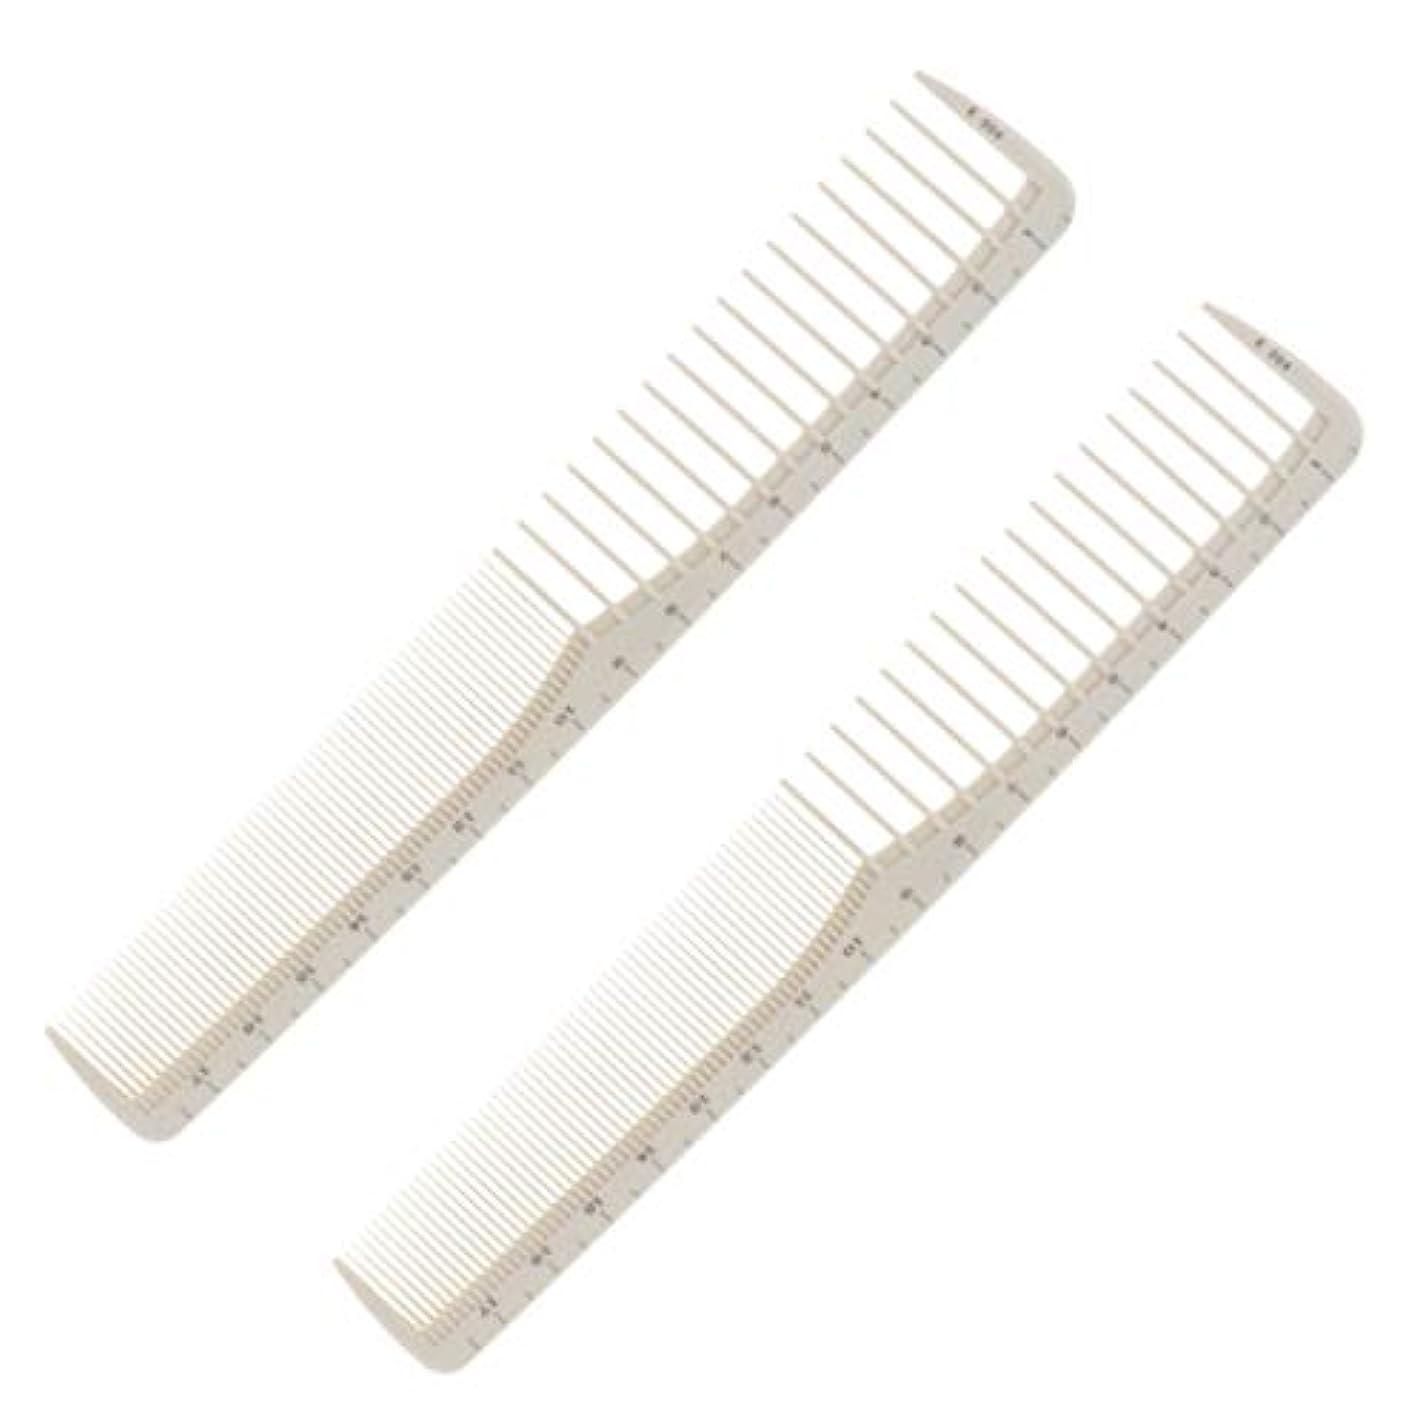 欠陥ナインへレザー樹脂 コーム 髪櫛 ヘアカットコーム 低静電気 耐熱性 軽量 サロン 家庭用 スケール付き 2本入り